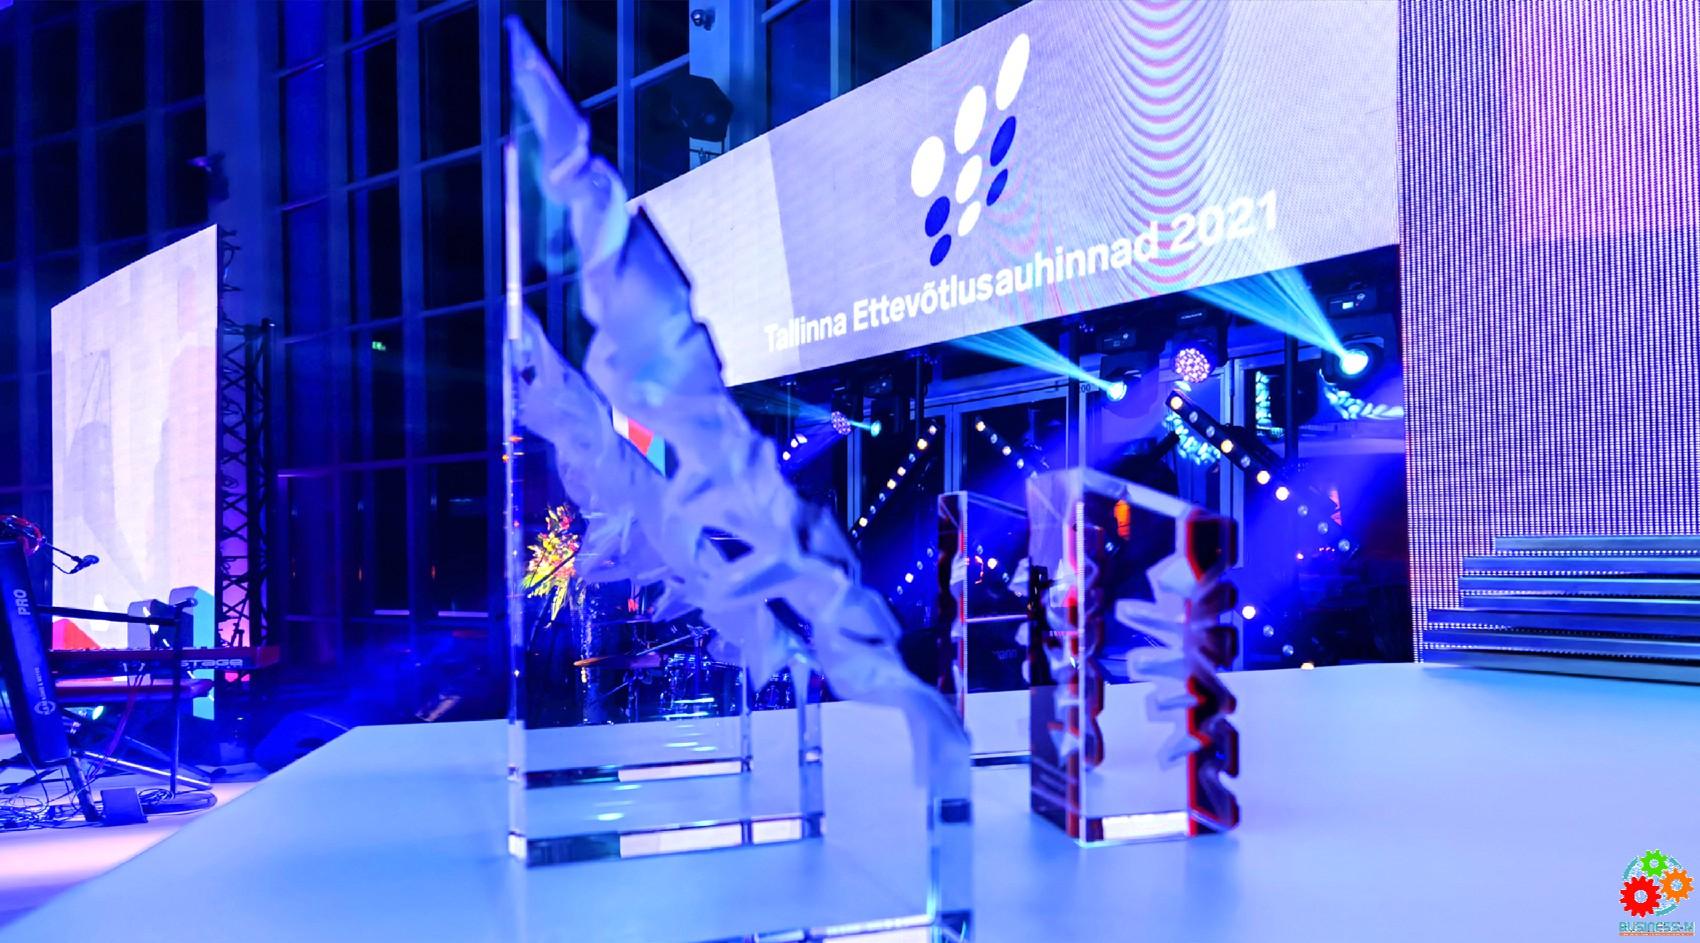 Таллинн: Победители предпринимательского конкурса названы